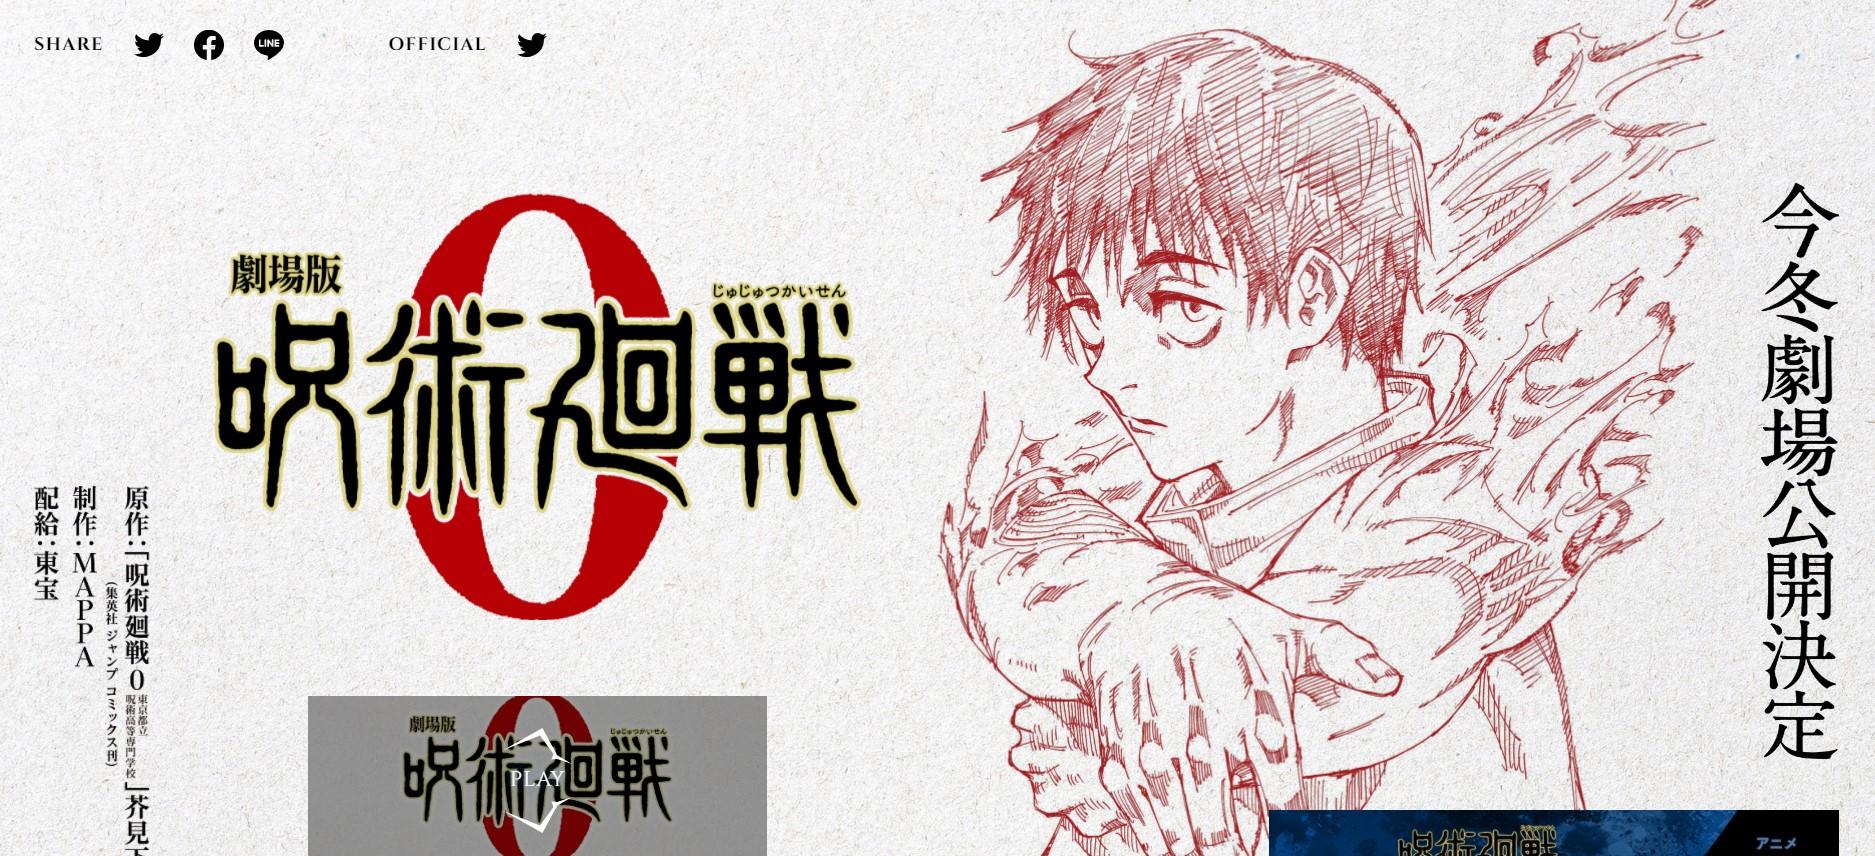 映画呪術廻戦の公式サイト